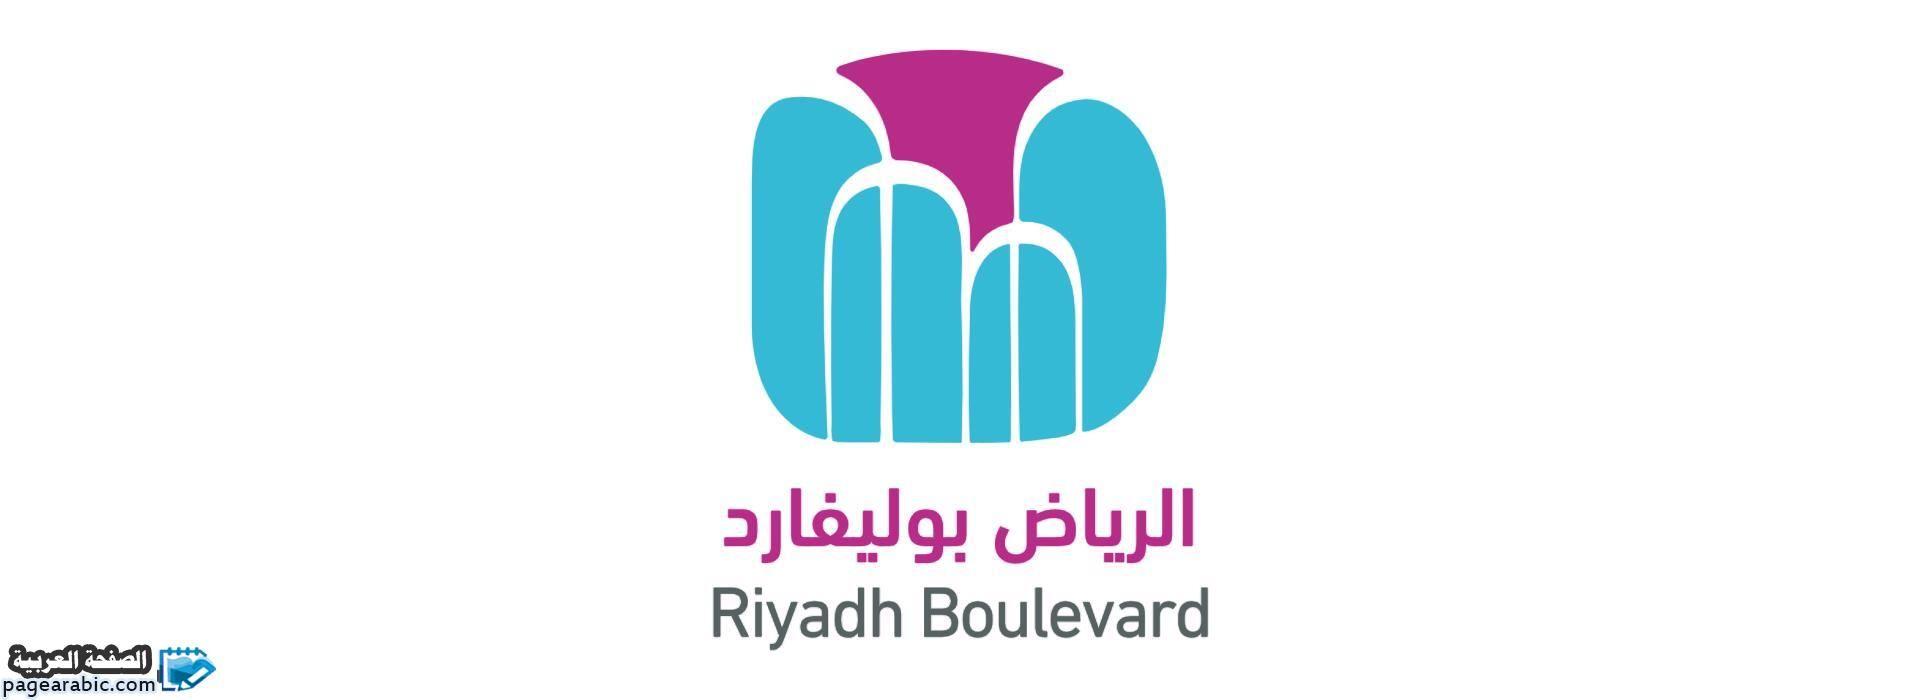 ماهي معنى كلمة البوليفارد من معنى بوليفارد الرياض او موسم الرياض Boulevard Boulevard بوليفارد الرياض بوليفارد البوليفارد Gaming Logos Peace Gesture Logos